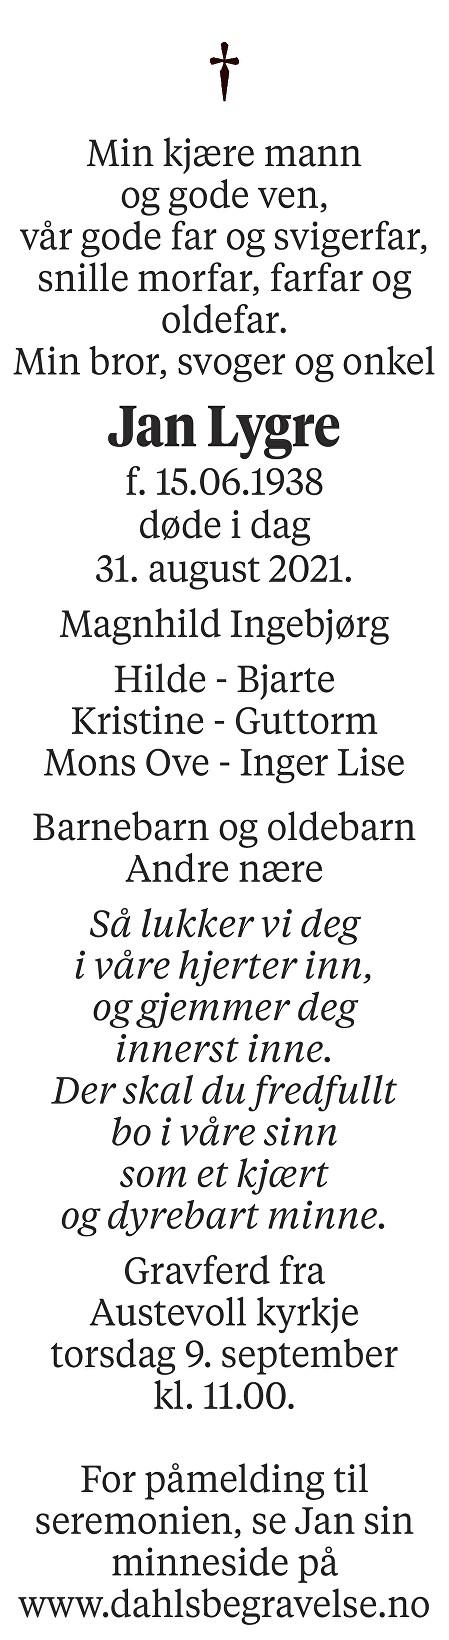 Jan Lygre Dødsannonse